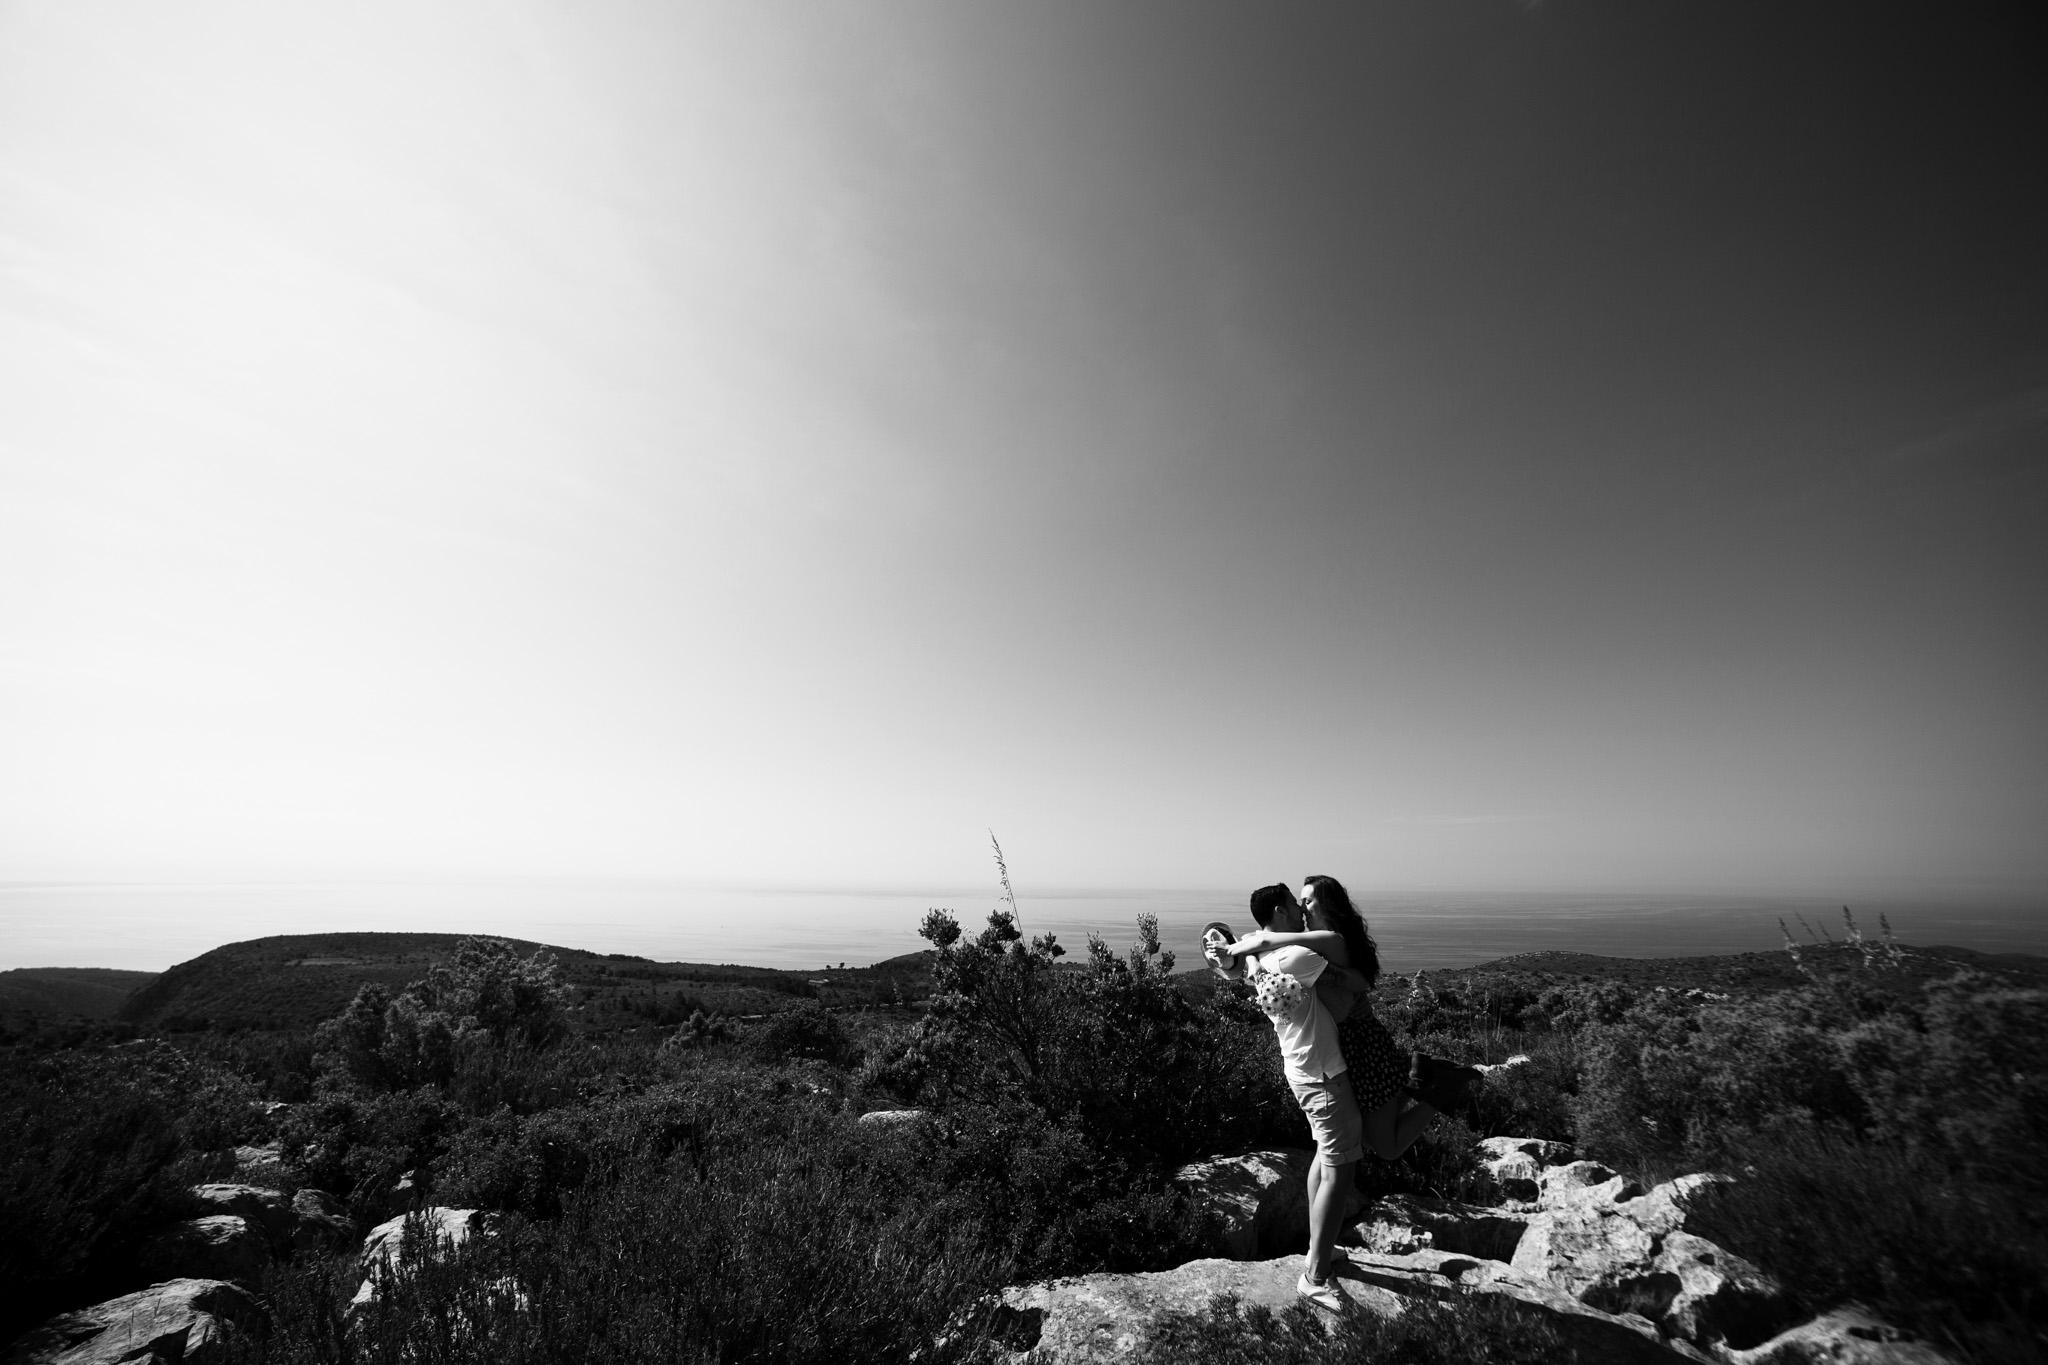 Preboda de Noe y Gabi en el Parc Natural del Garraf